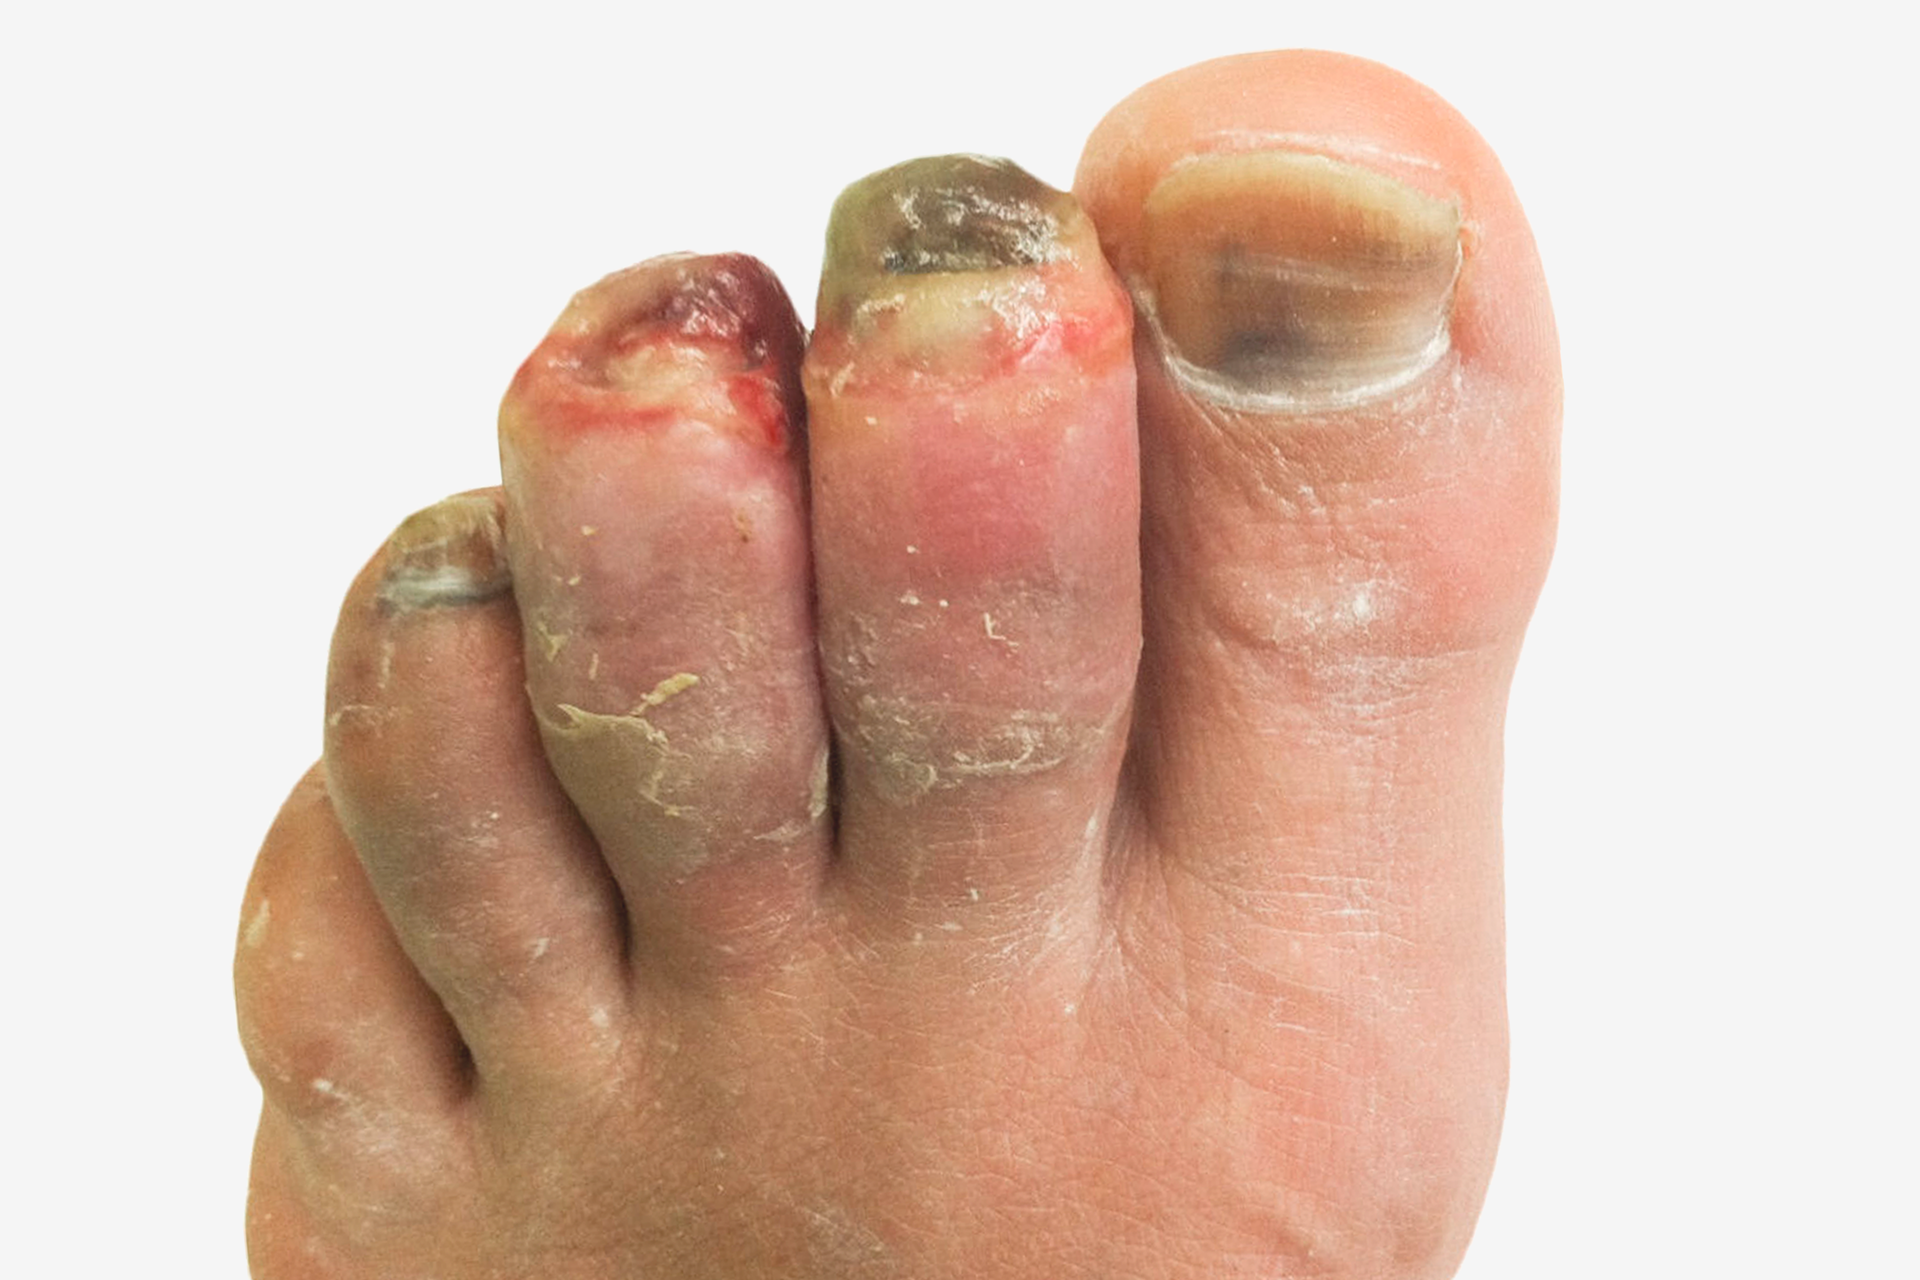 Zdjęcie po prawej to palce stóp zodmrożeniem III stopnia. Palce stopy pokryte są fioletową skórą na całej długości. Palce są opuchnięte. Paznokcie czarne. Okolice wokół paznokci pokryte krwią. Paznokieć dużego palca pokryty jest czarnymi plamami.